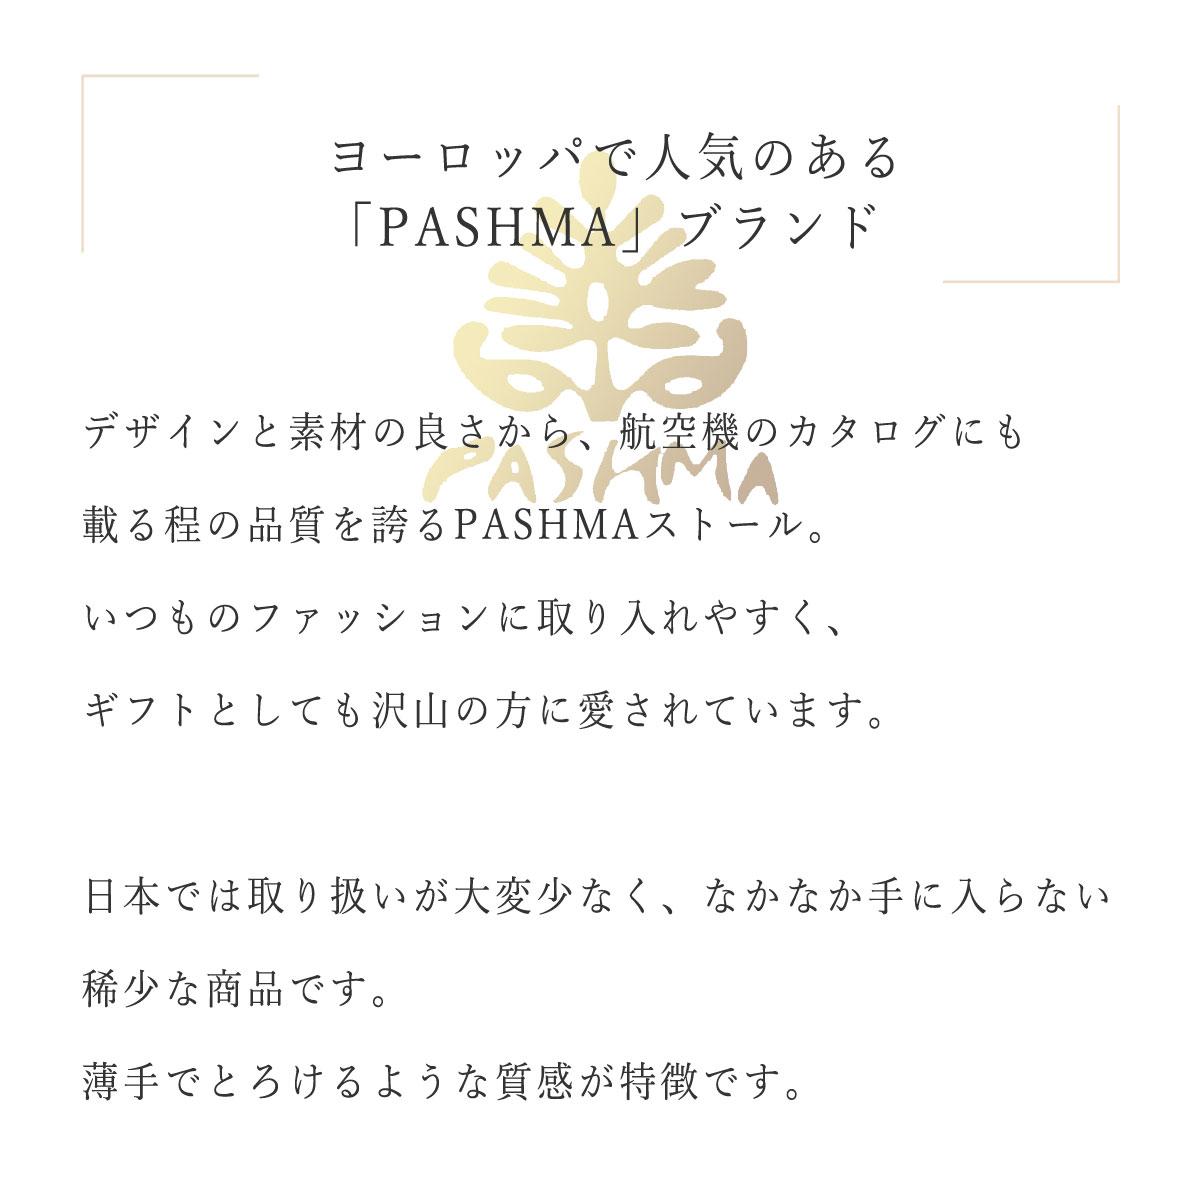 PASHMA【パシュマ】ストール カシミヤ100% 細幅 ビーズ刺繍 マフラー  白(ホワイト)06 秋冬 パーティー プレゼント